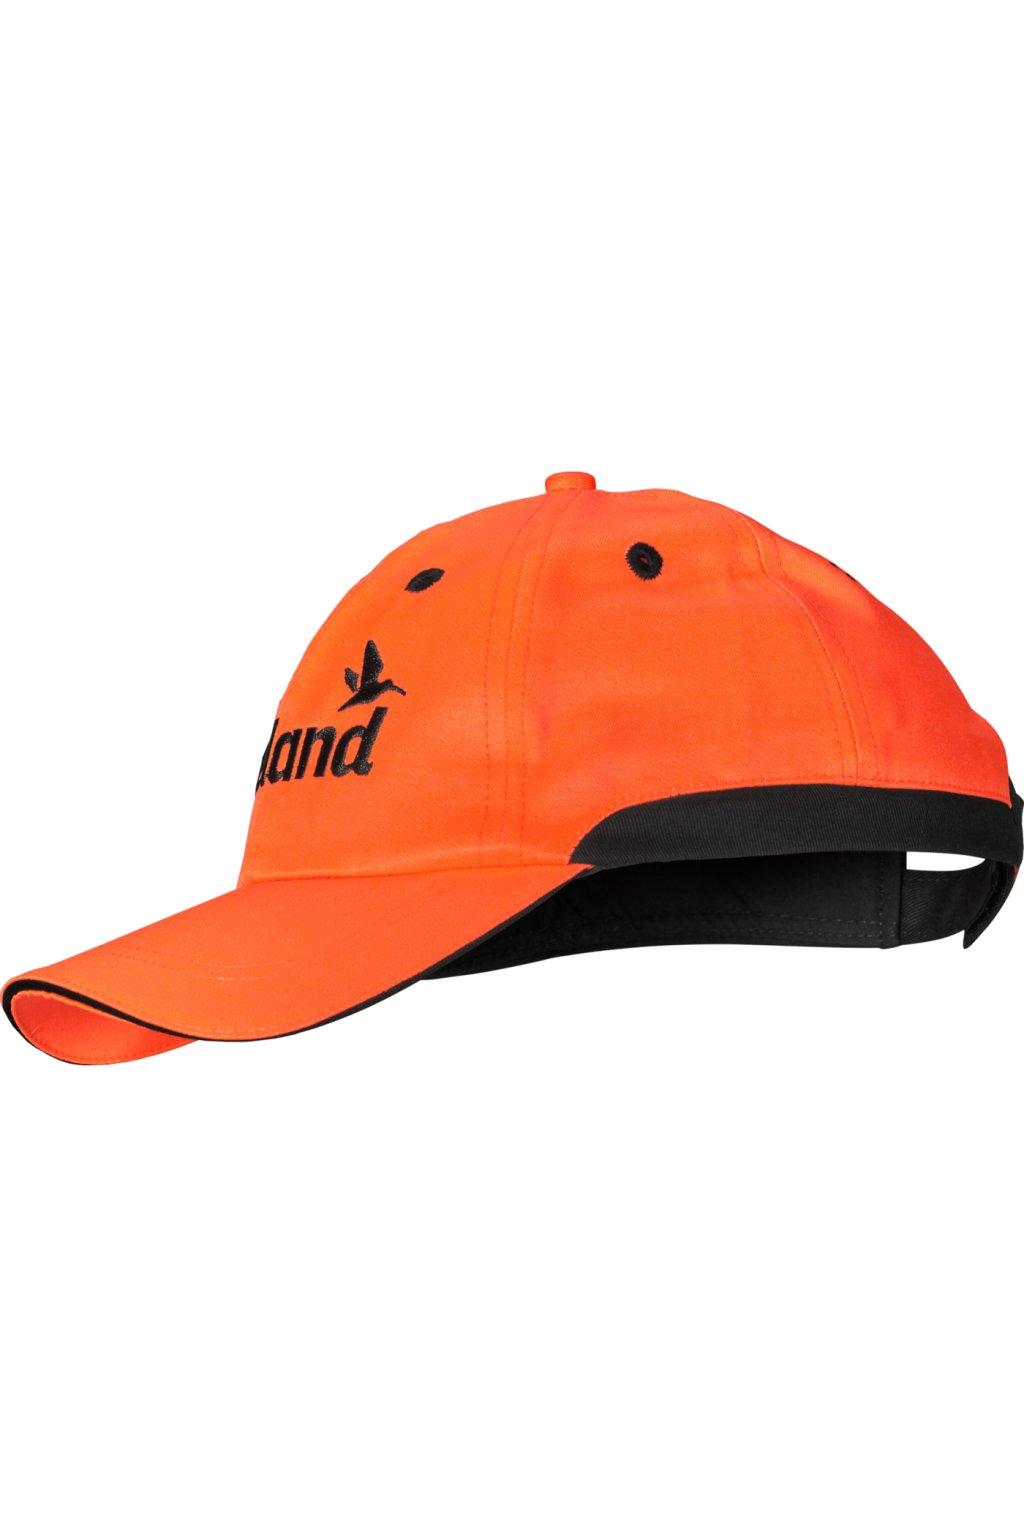 Seeland - Hi-Vis cap